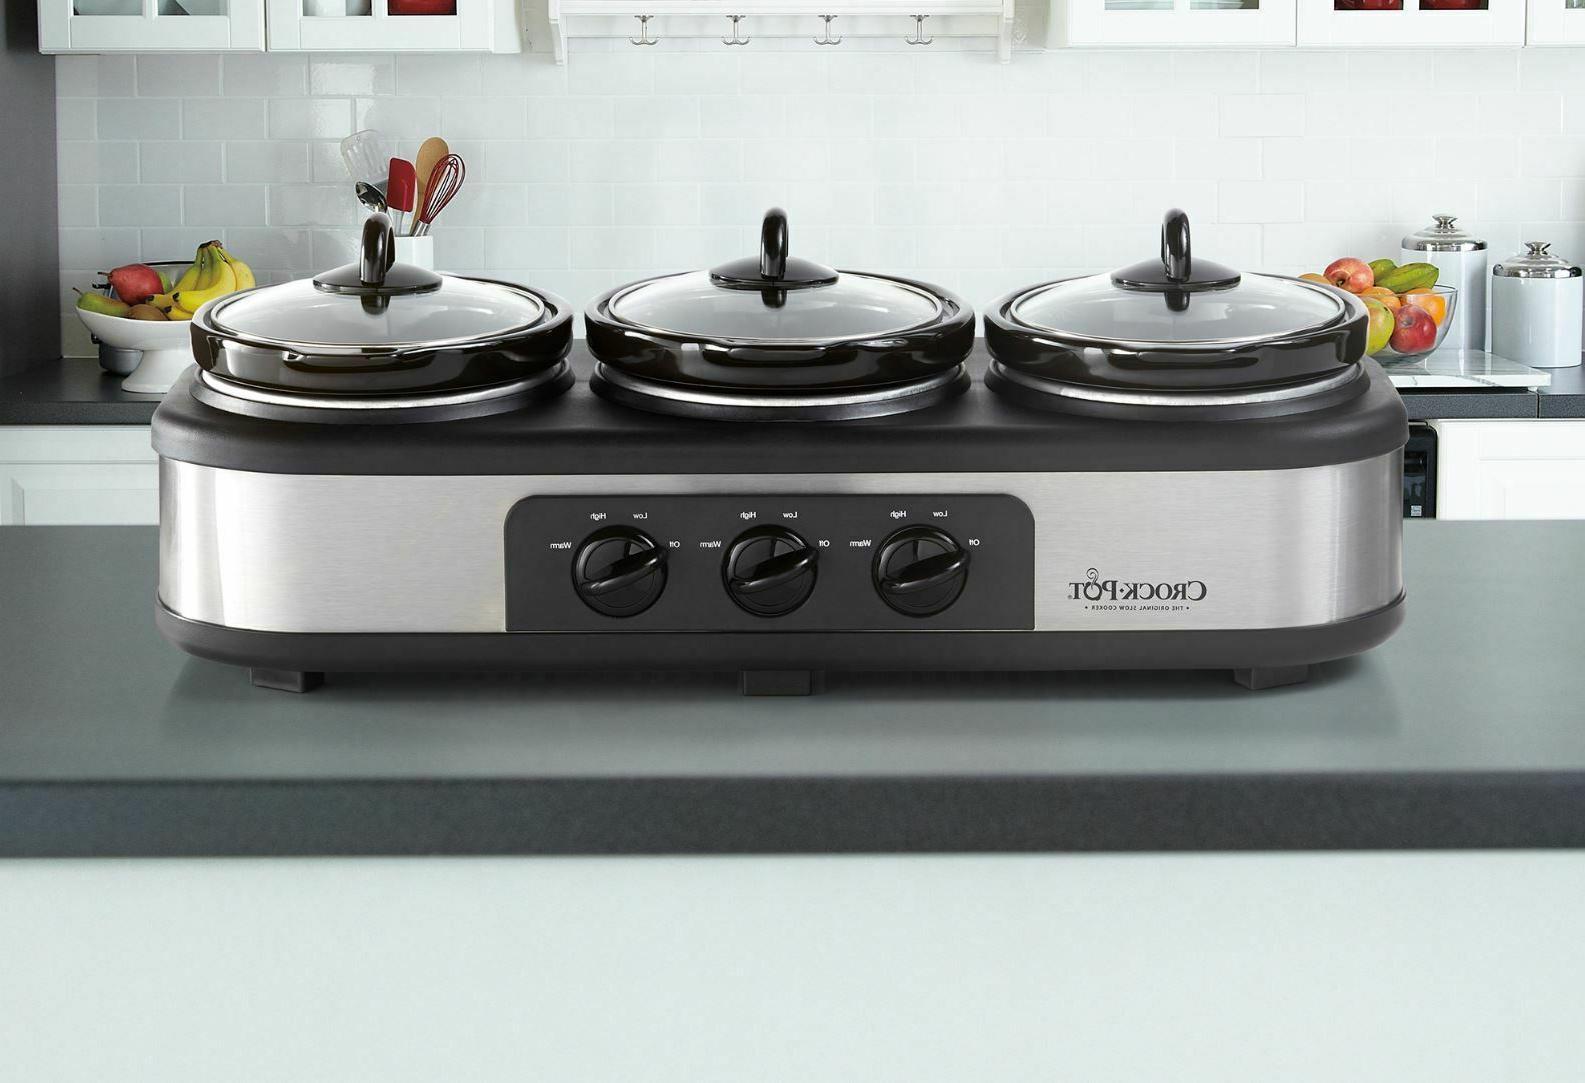 Crock-Pot Triple Stainless Steel Buffet Server Food Warmer